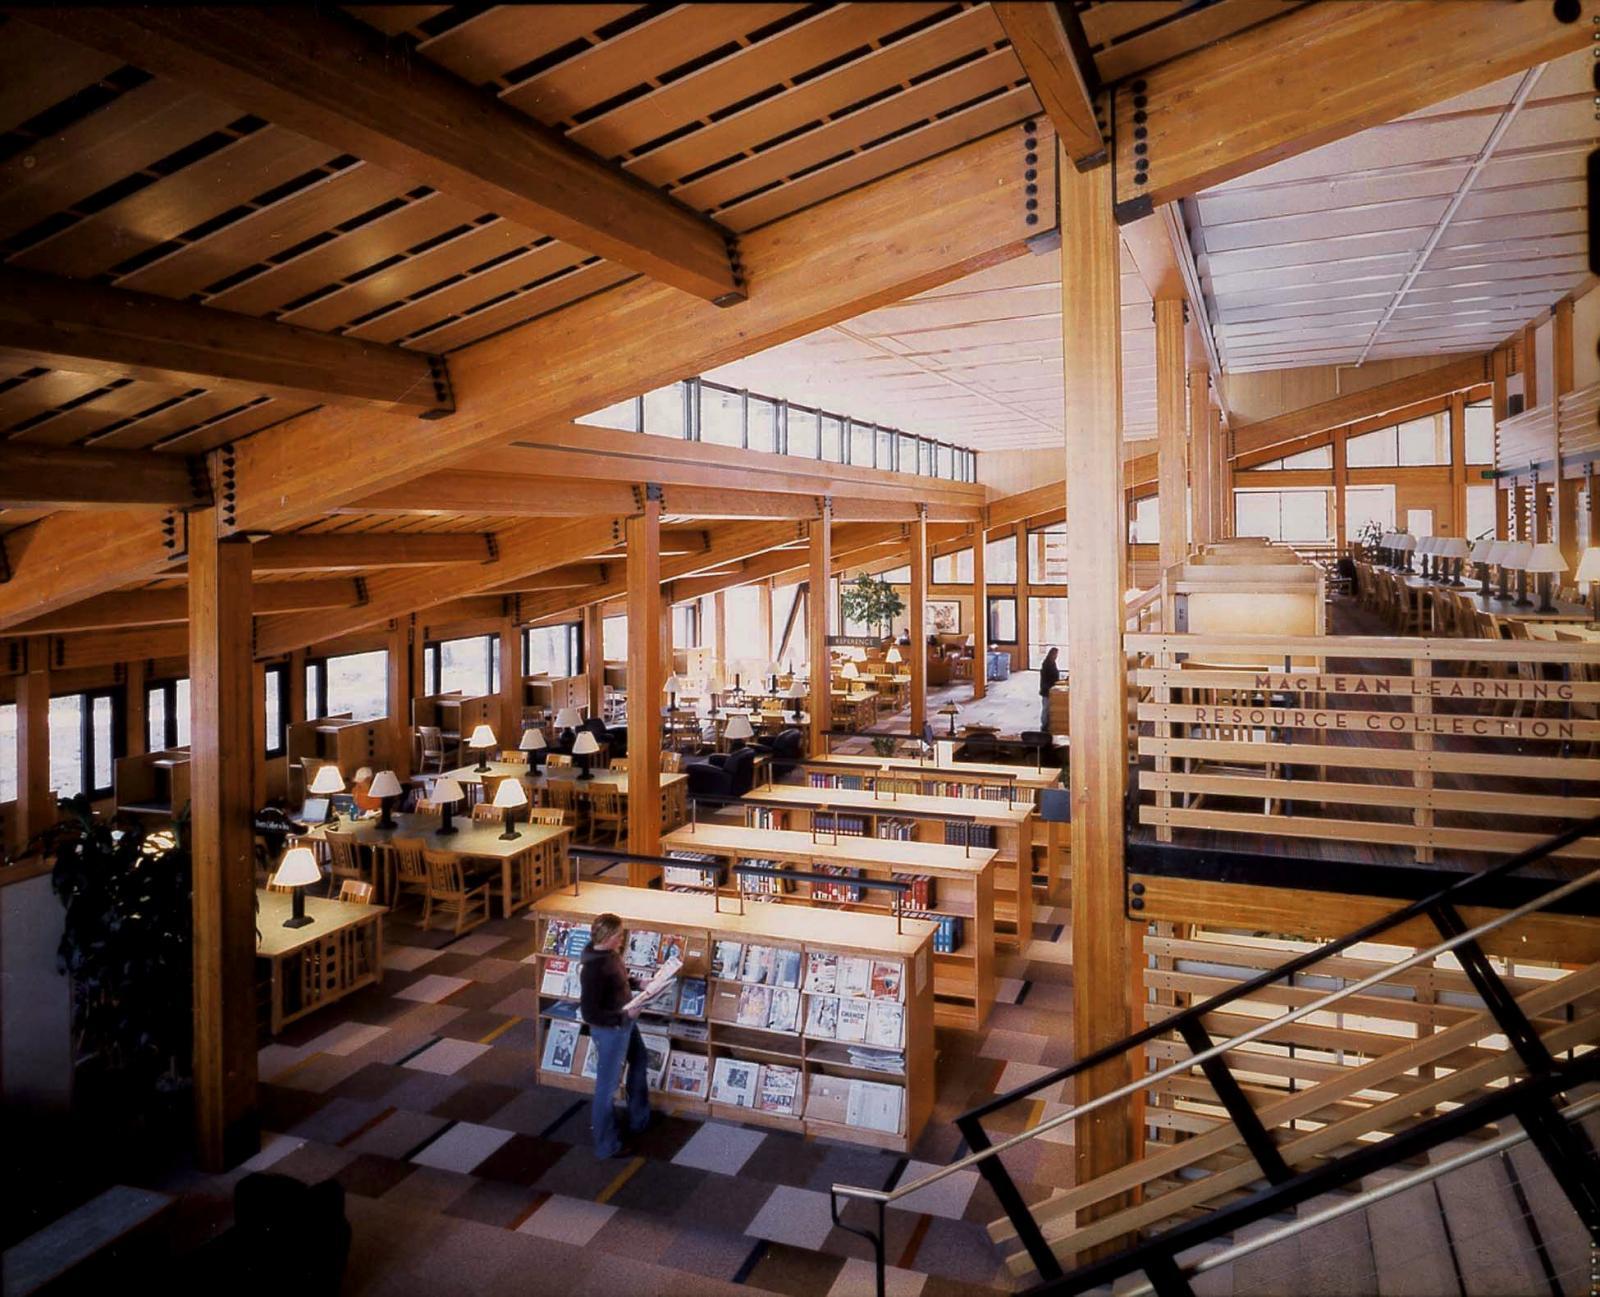 Prim Library, Sierra Nevada College | Lake Flato